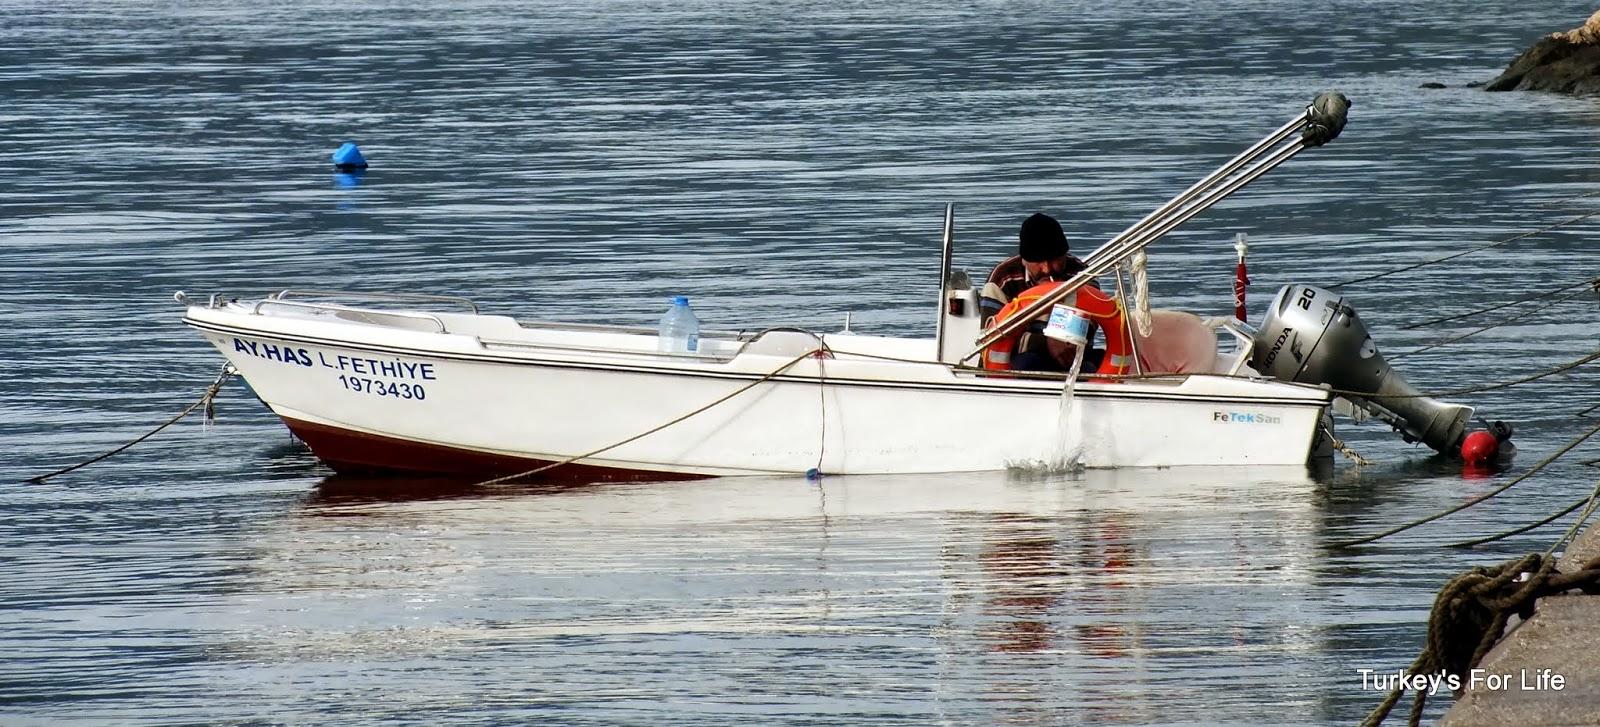 Fethiye Boat After Storm